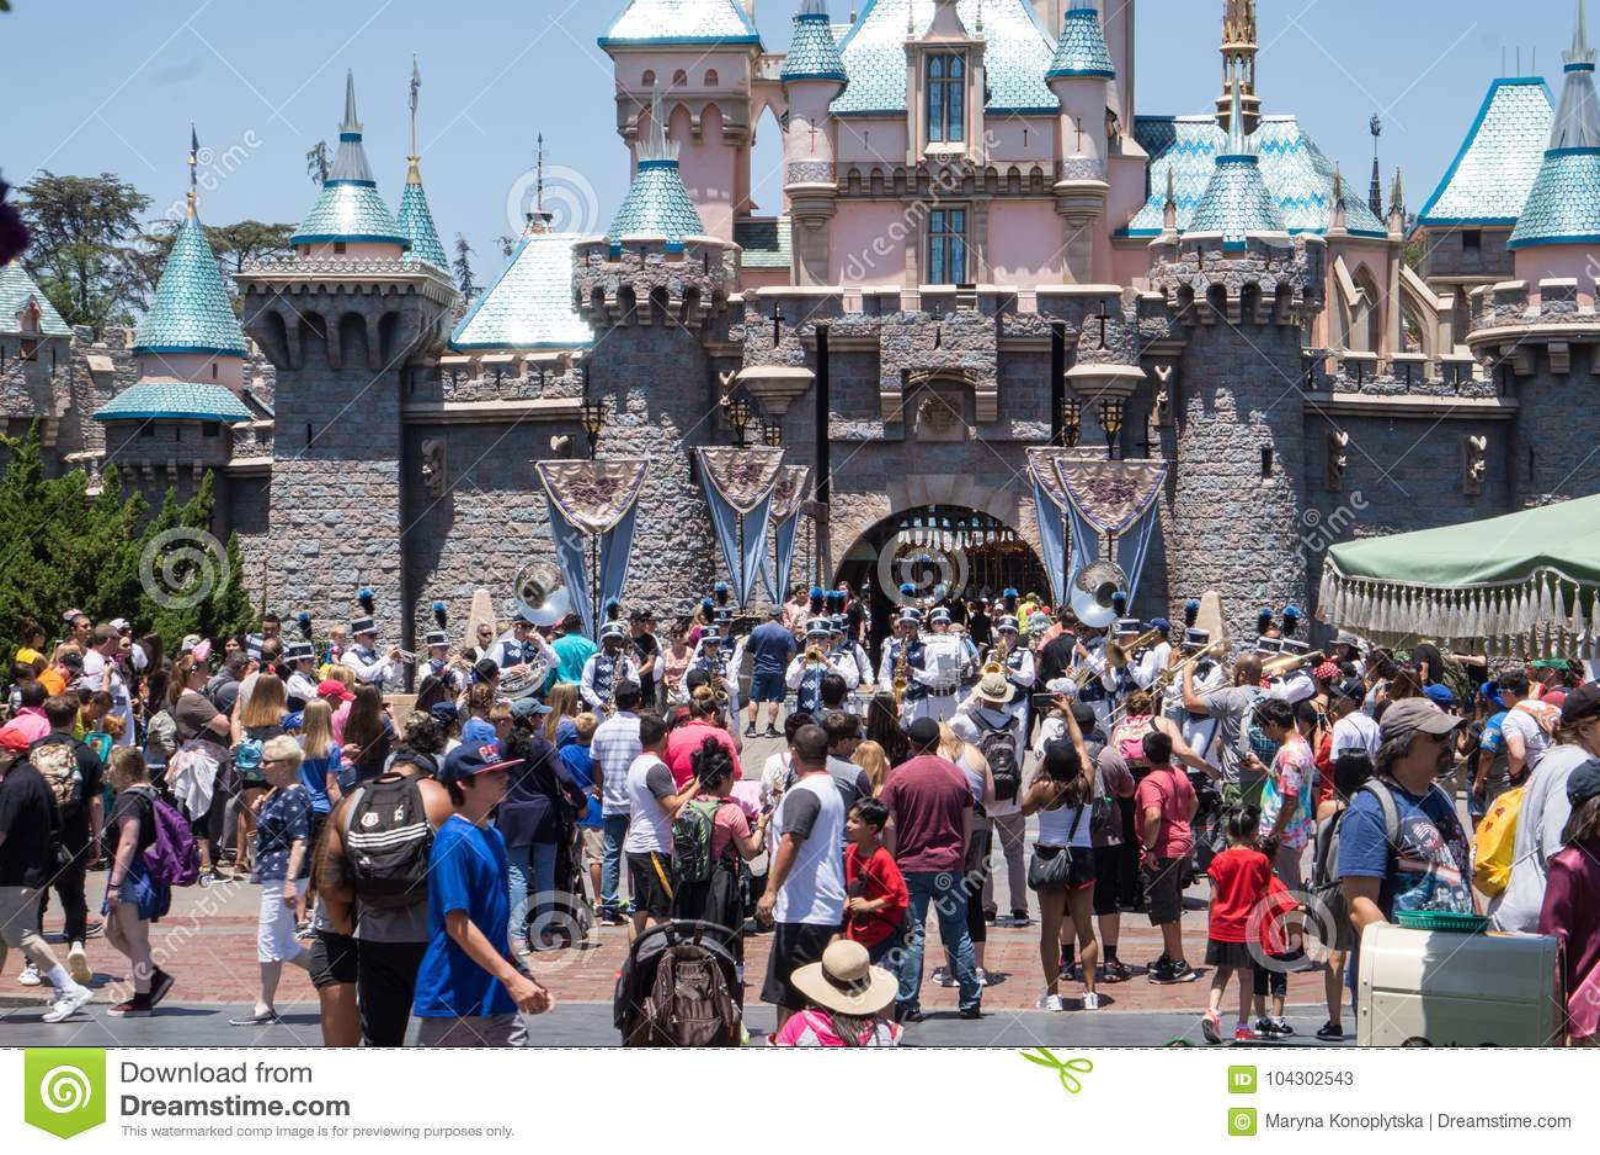 Leute mit Kindern auf einem Weg in Disneyland parken Glückliches Wochenende in Anaheim